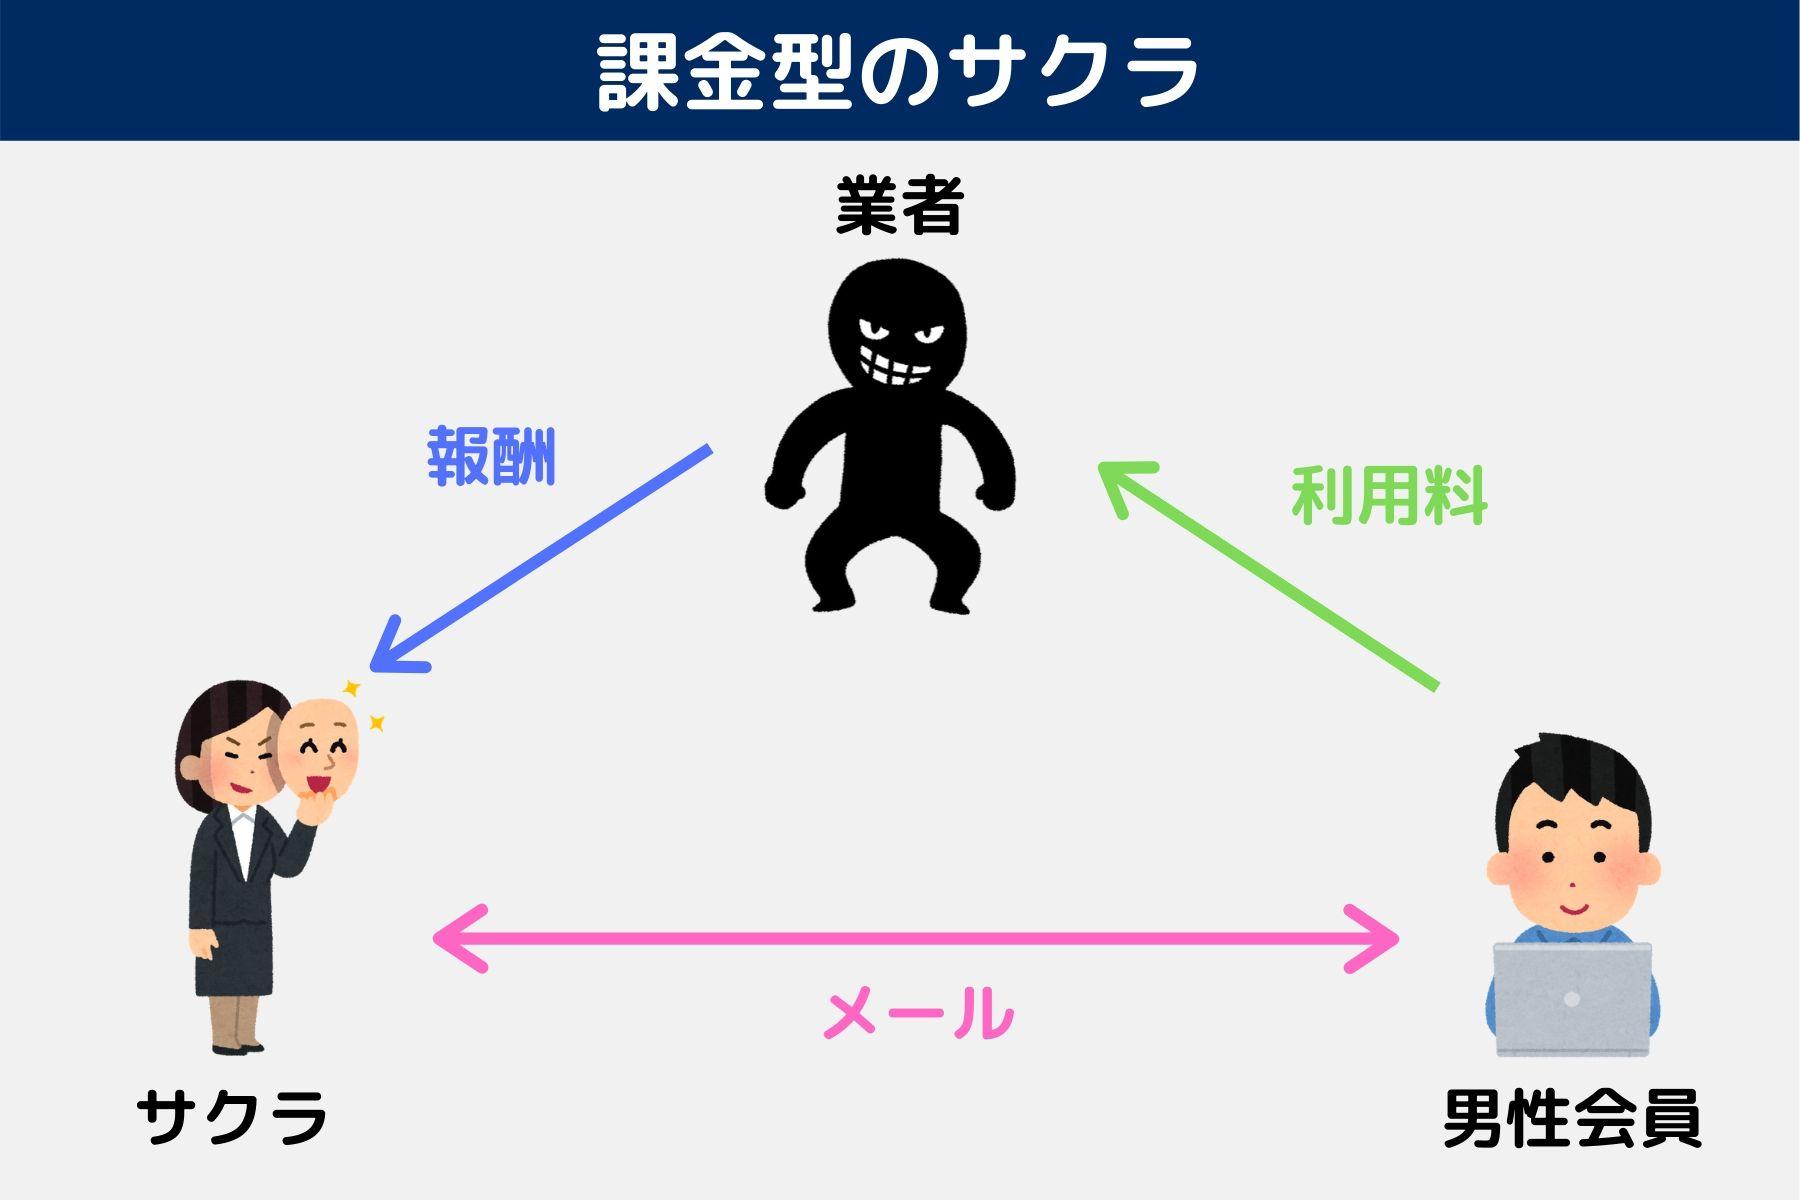 サクラ 構図